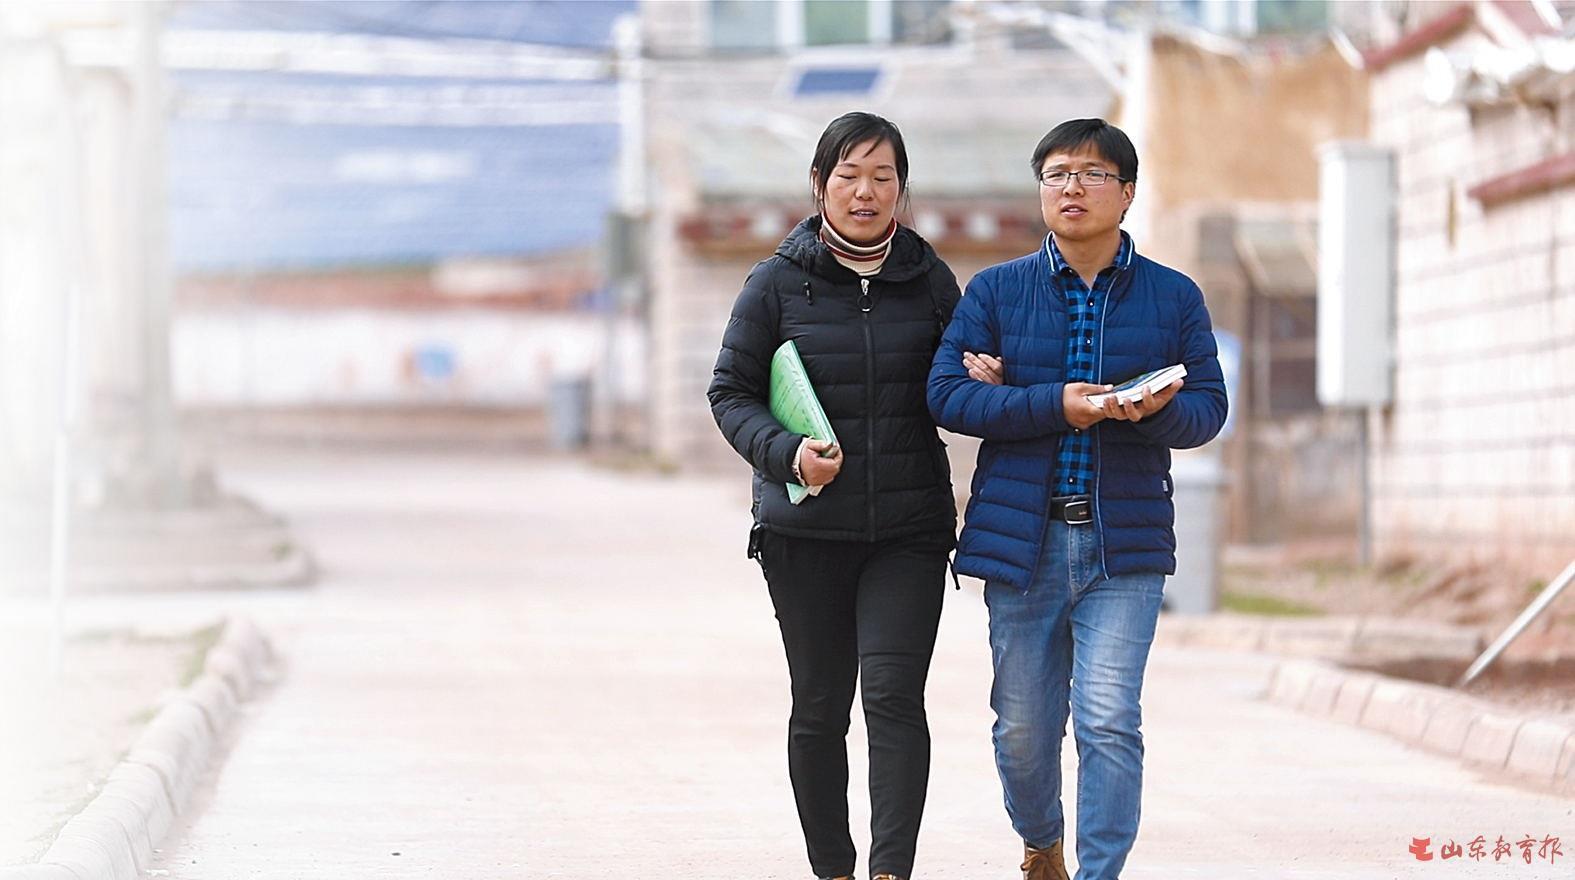 夫妻扎根西藏十年 5000米高原哺育梦想